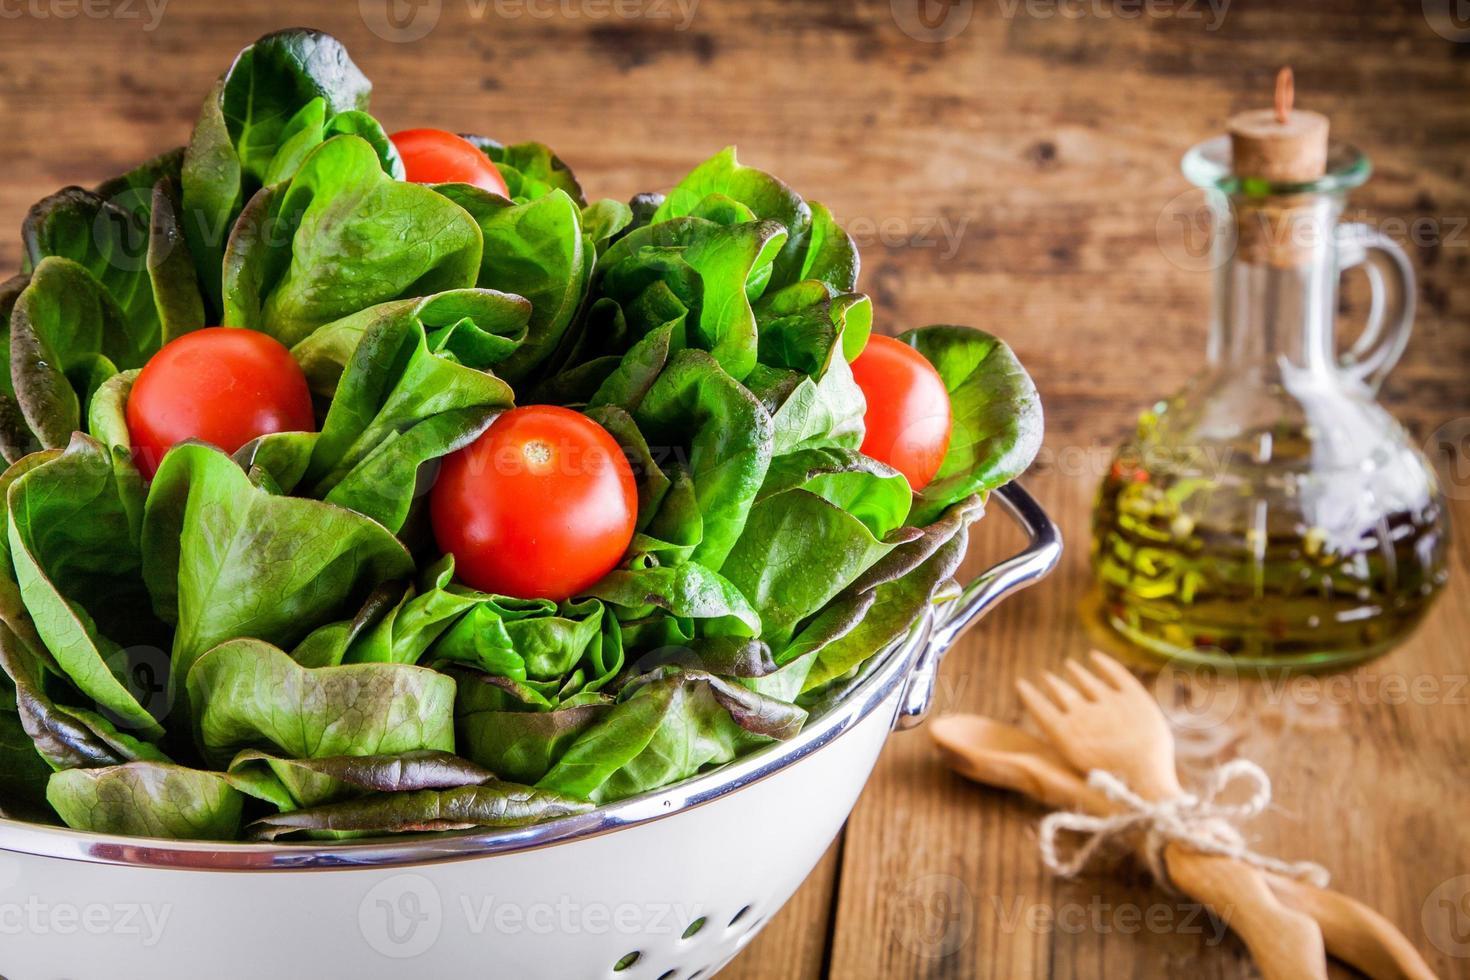 hora do almoço: alface orgânica verde fresca com tomate cereja foto